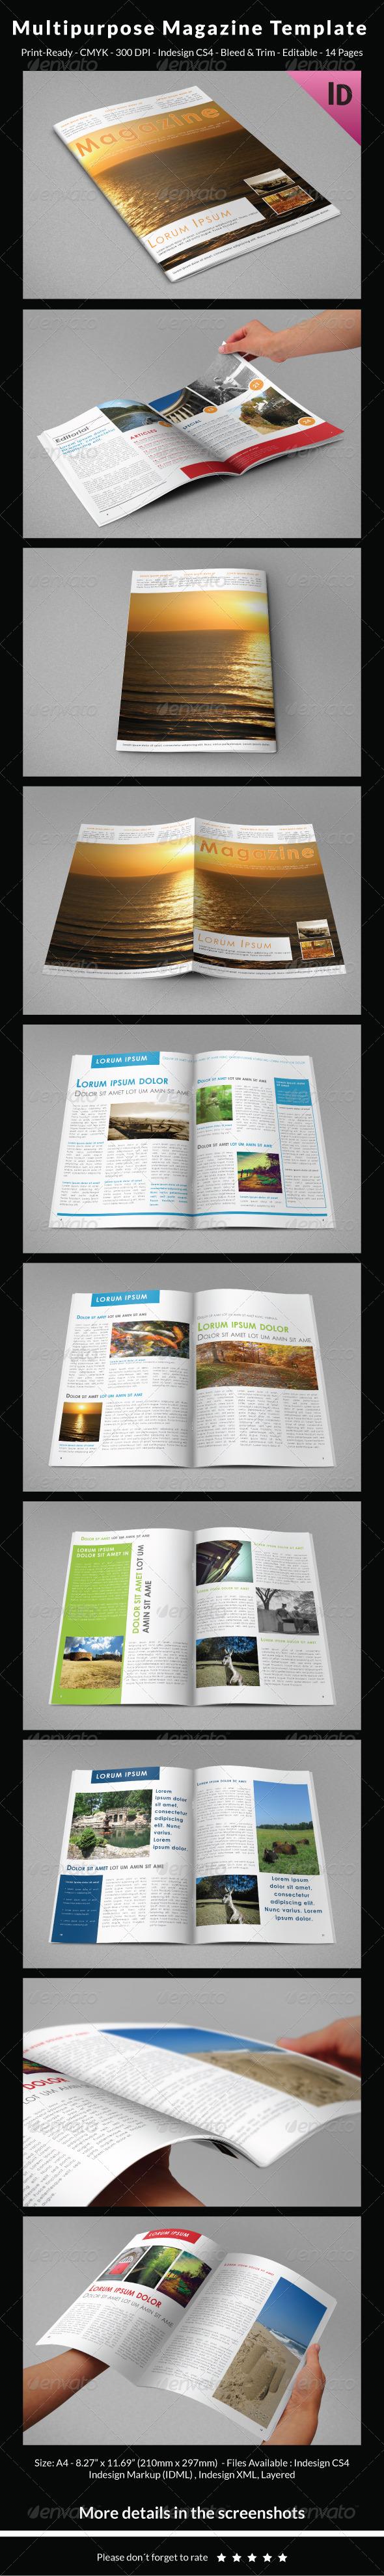 GraphicRiver Multipurpose Magazine Template 6765737